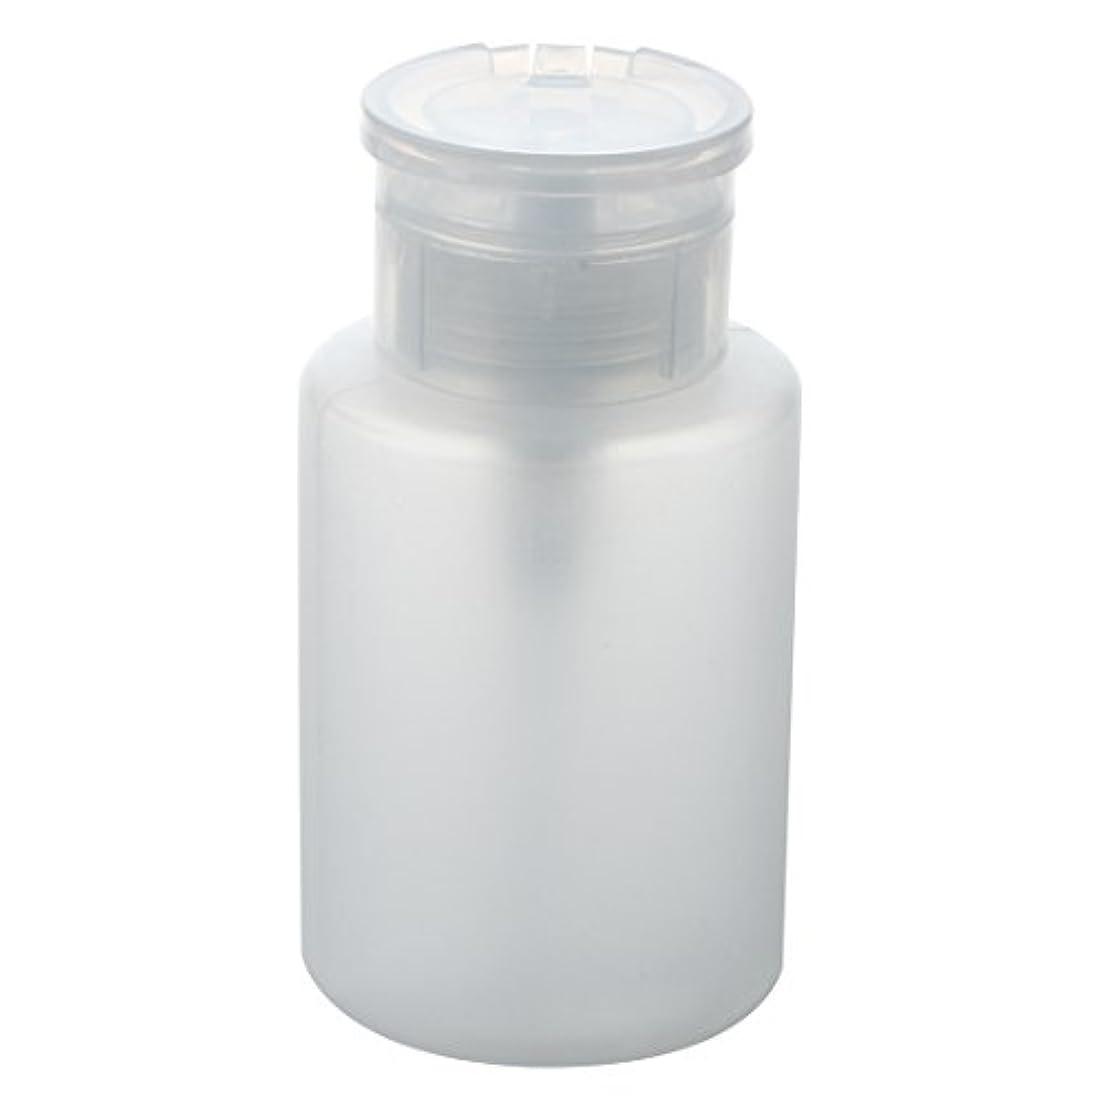 連鎖二週間クラフトACAMPTAR プラスチックボトル用ディスペンサー150ml液体オイル用マニキュアリムーバー